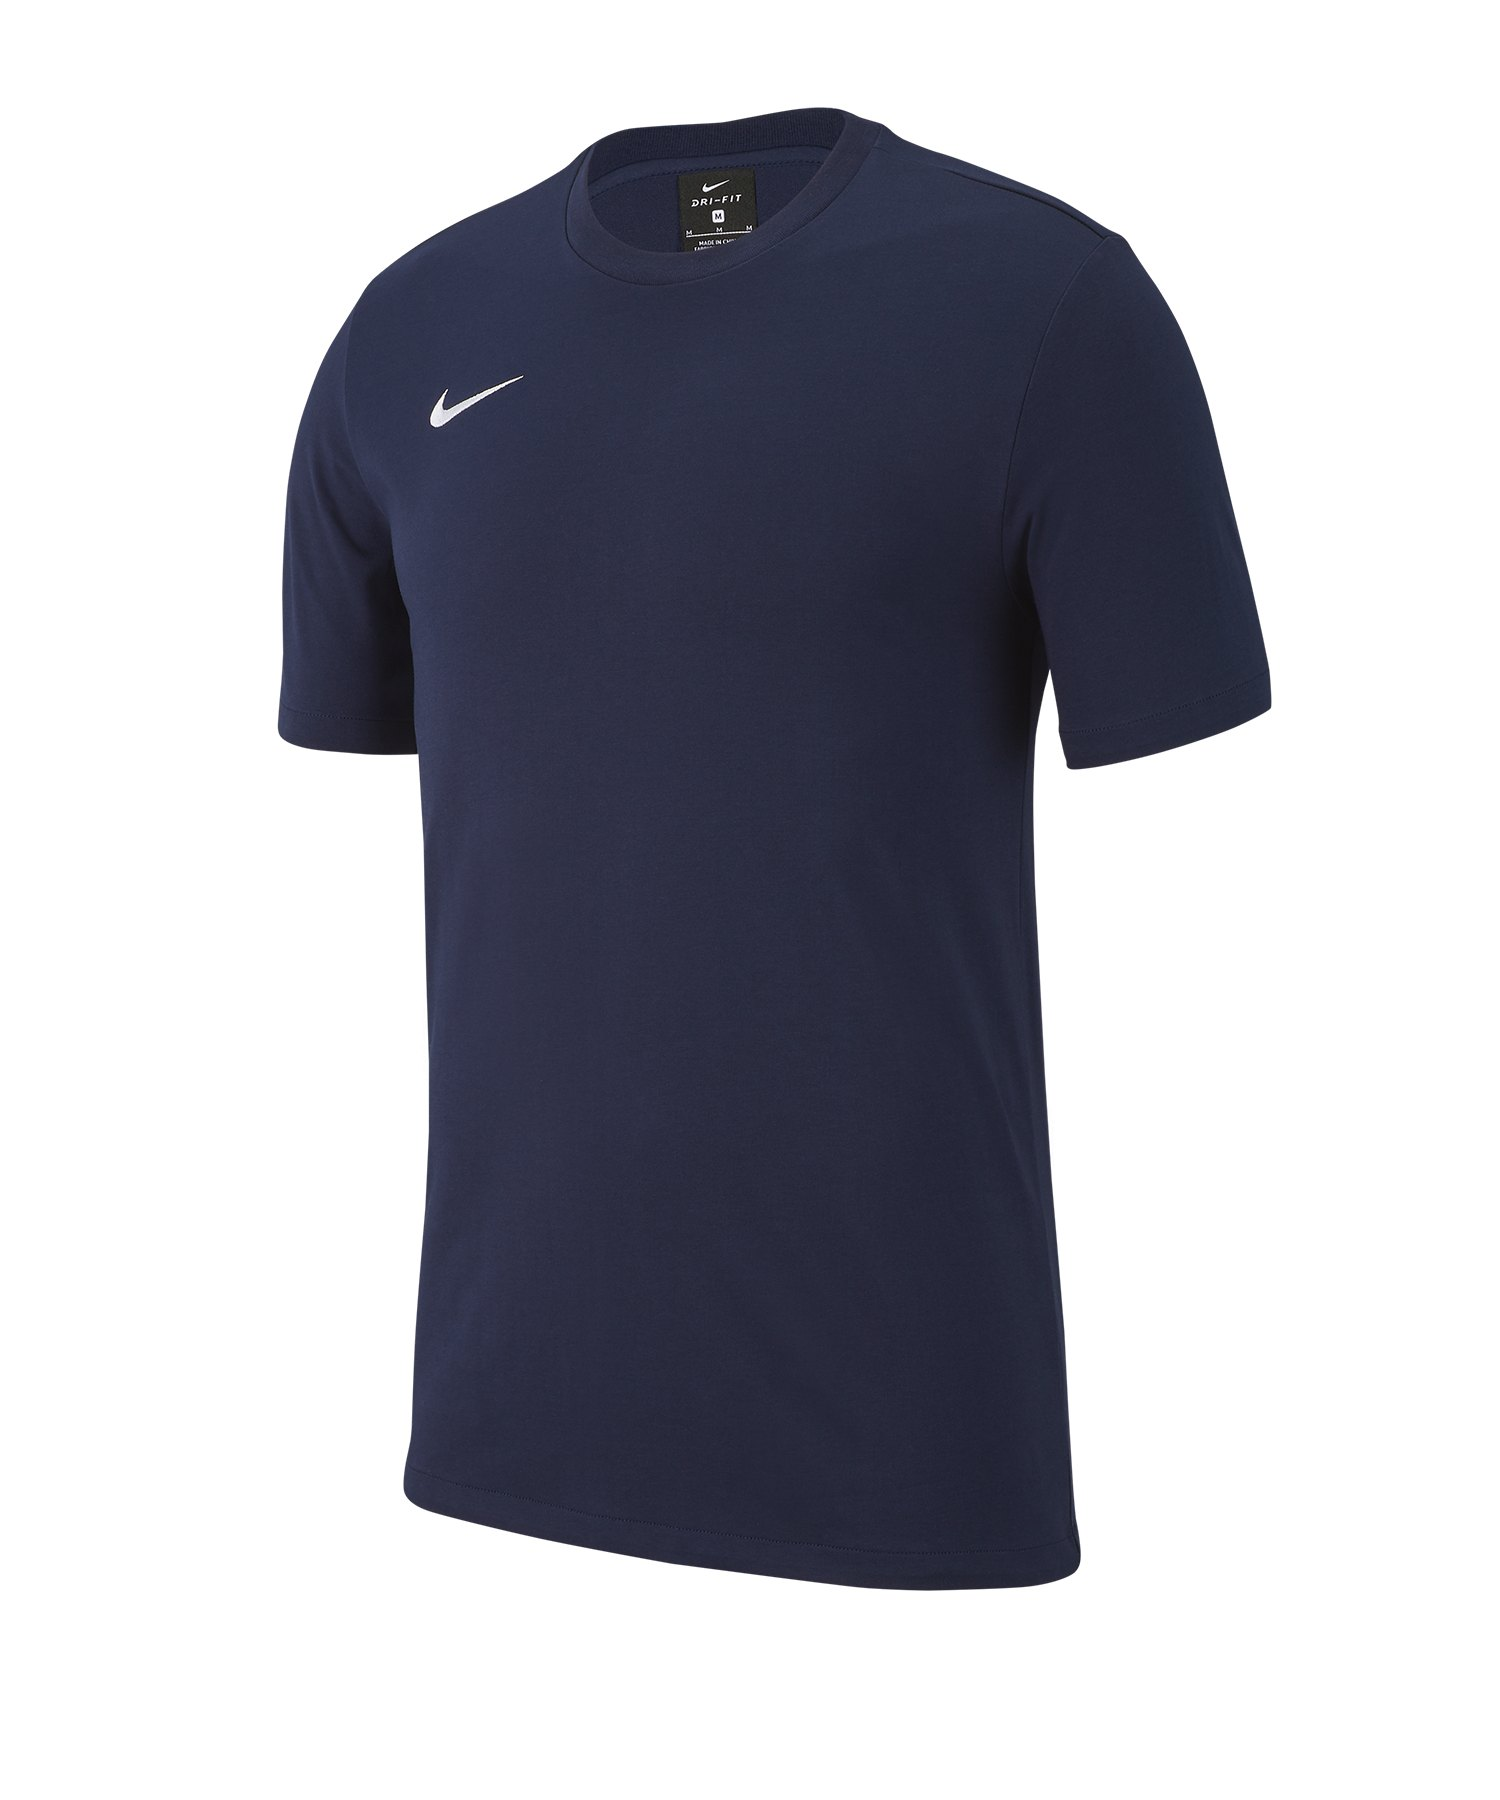 Nike Club 19 Tee T-Shirt Blau F451 - blau